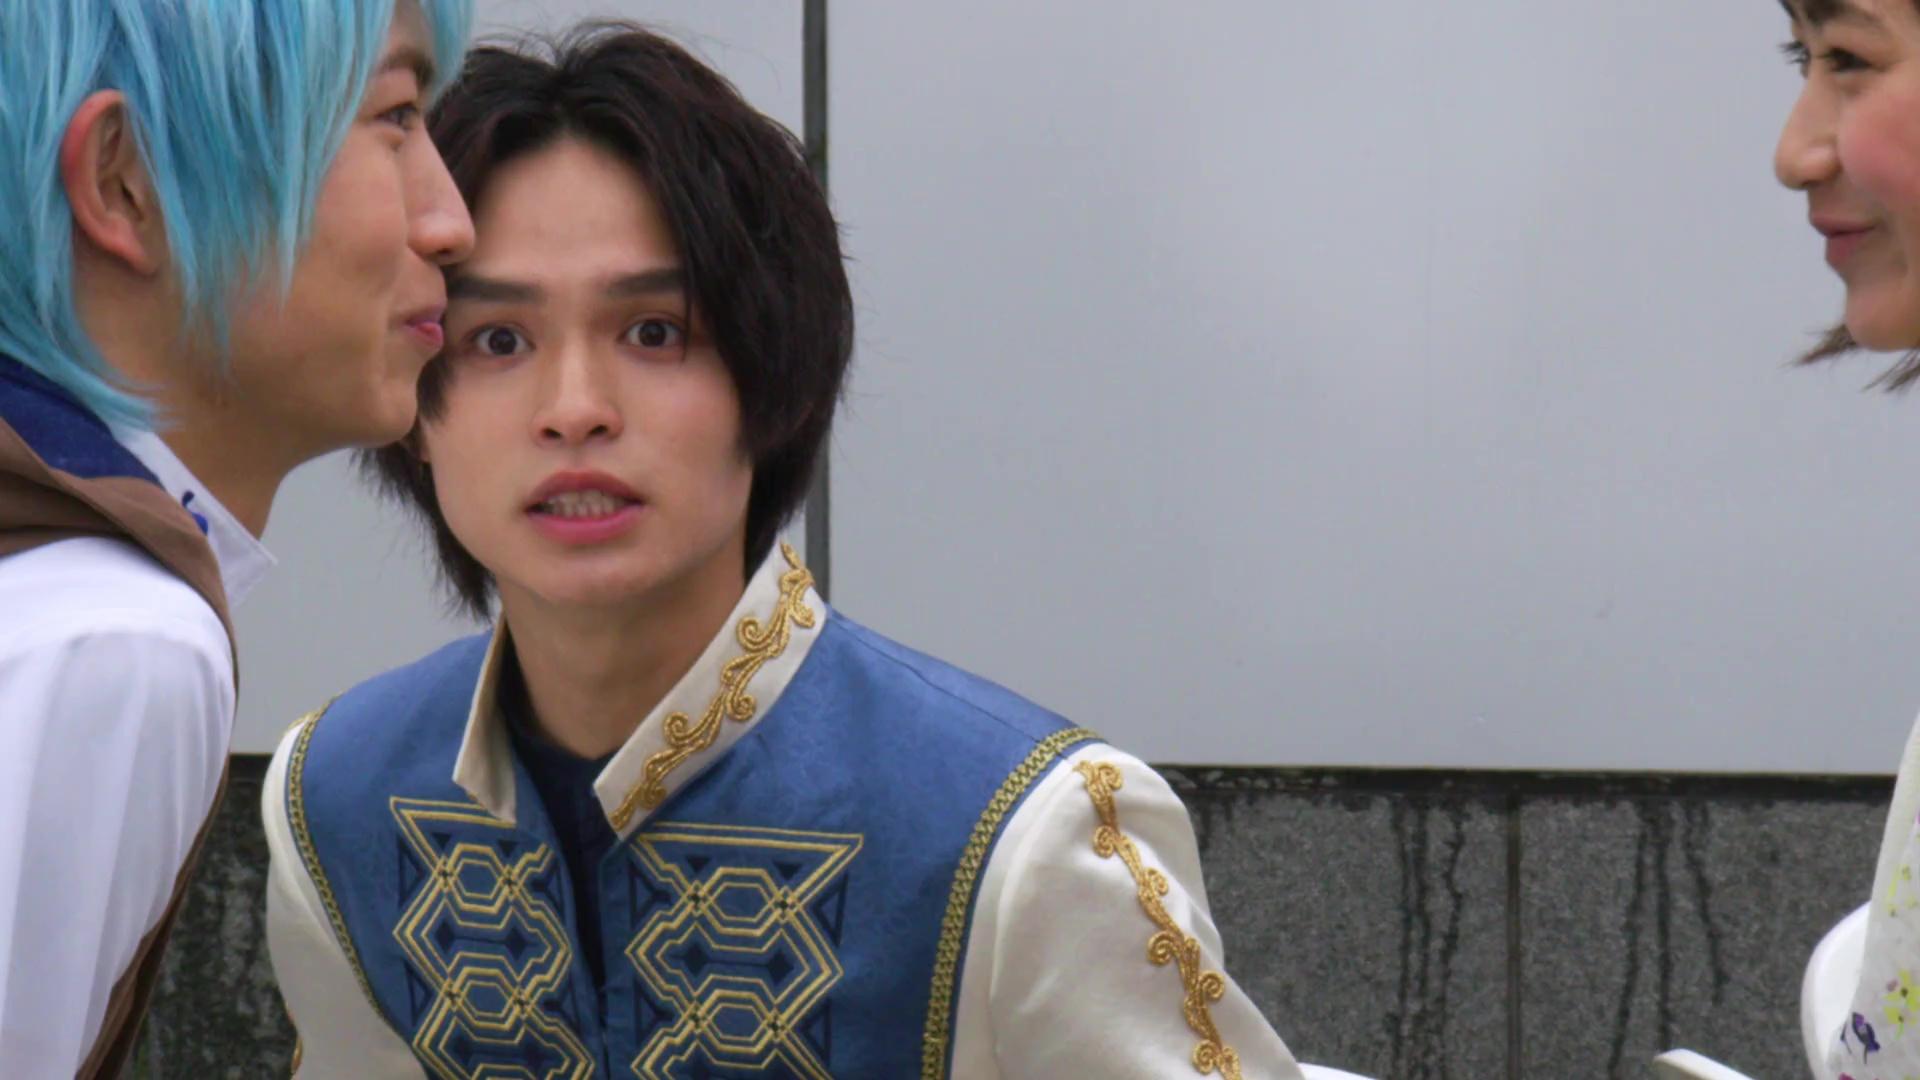 Kishiryu Sentai Ryusoulger Episode 16 Recap